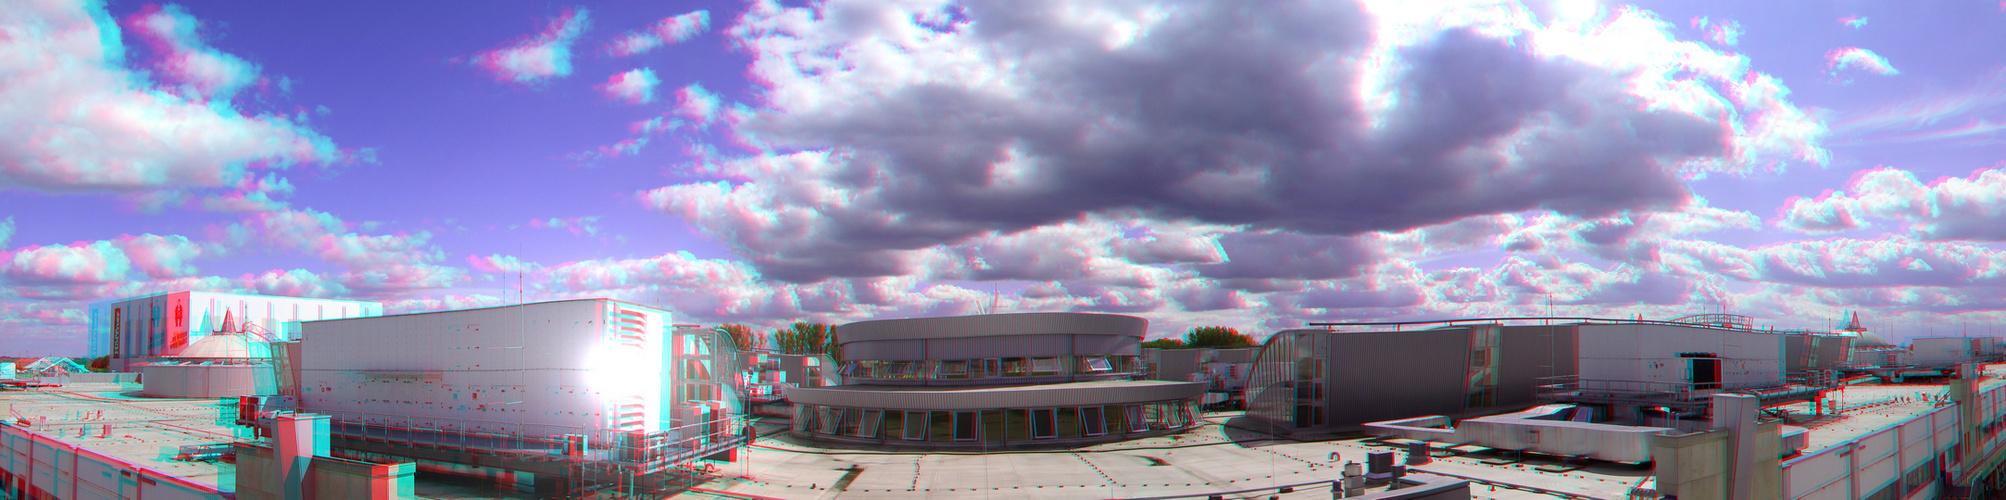 Heiter bis wolkig (3D-Pano-Foto)